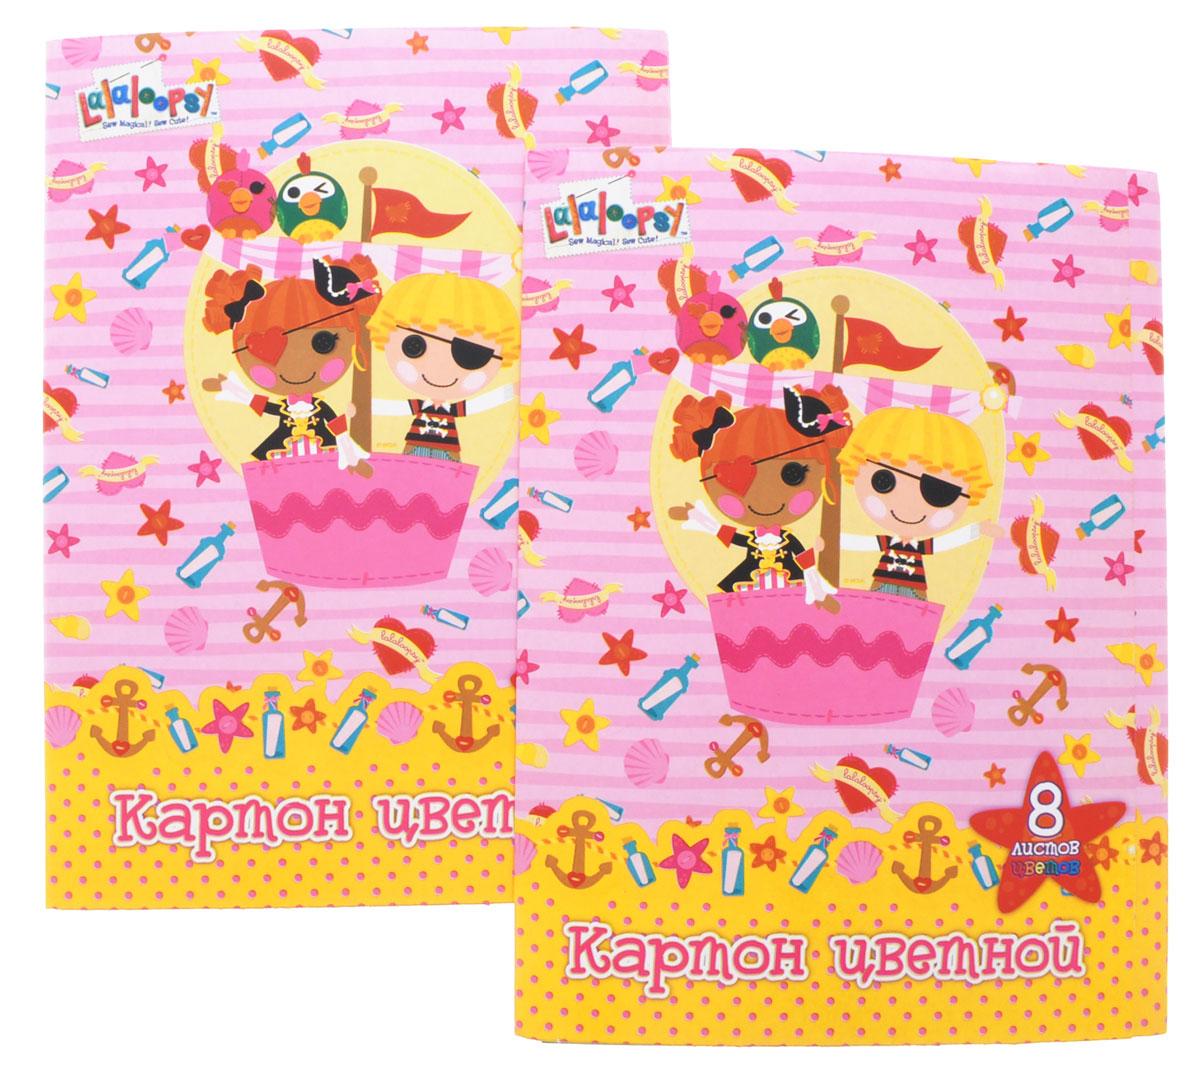 Action! Набор цветного картона Lalaloopsy 8 листов цвет розовый 2 штLL-CC-8/8Набор цветного картона Action! Lalaloopsy позволит создавать всевозможныеаппликации и поделки.Набор упакован в картонную папку с изображениемперсонажей мультфильма Лалалупси. Создание поделок из цветногокартона позволяет ребенку развивать творческие способности, кроме того, этоувлекательный досуг.Одна папка содержит 8 листов цветного картона. Цвета:красный, желтый, синий, оранжевый, коричневый, черный, зеленый, белый. Внабор входят две папки. Уважаемые клиенты! Обращаем ваше внимание на возможные изменения в дизайне, связанные сассортиментом продукции: дизайн может отличаться от представленного наизображении. Поставка осуществляется в зависимости от наличия на складе.